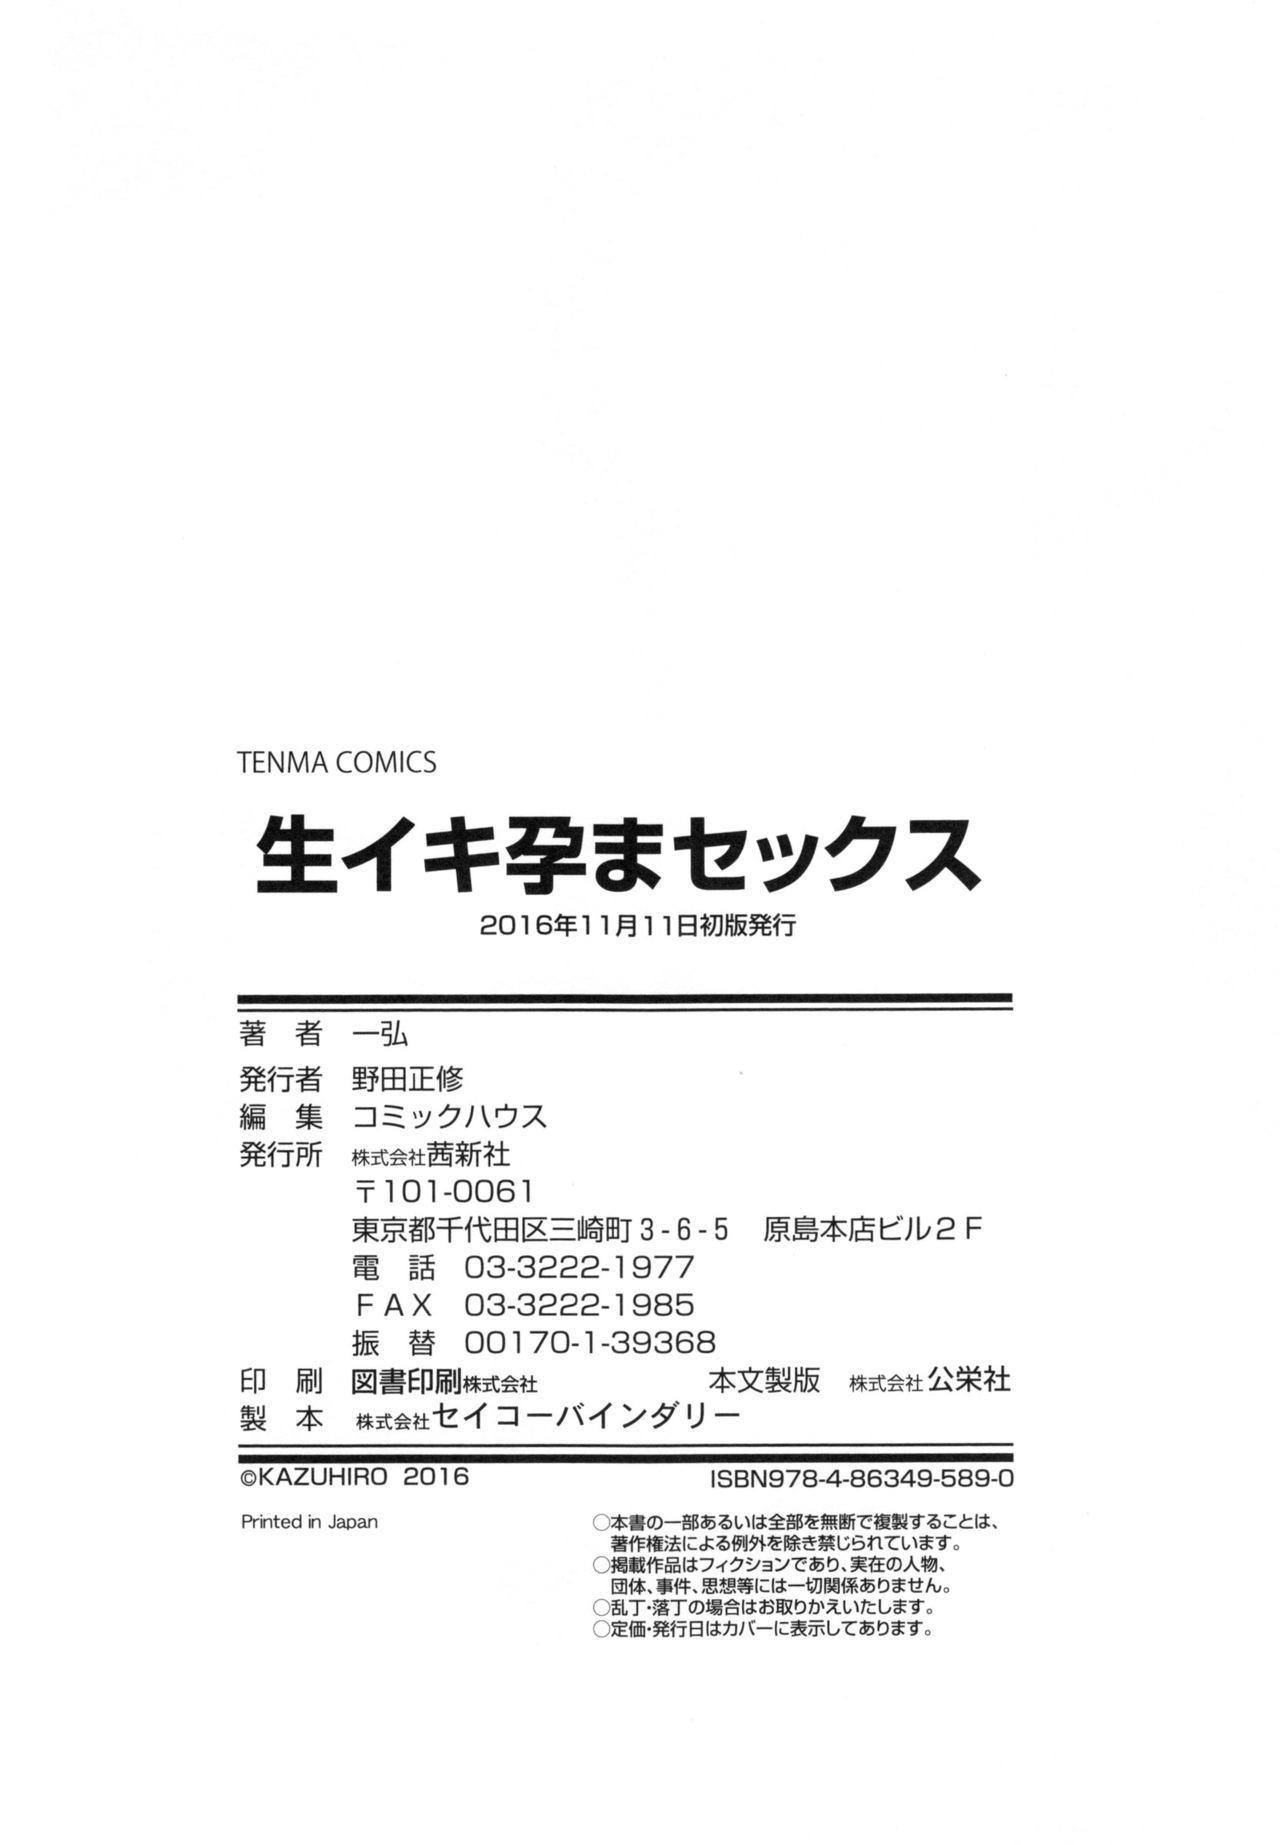 [Kazuhiro] Namaiki Haramasex Ch 1-3, 7-8 [English] {doujins.com} 124